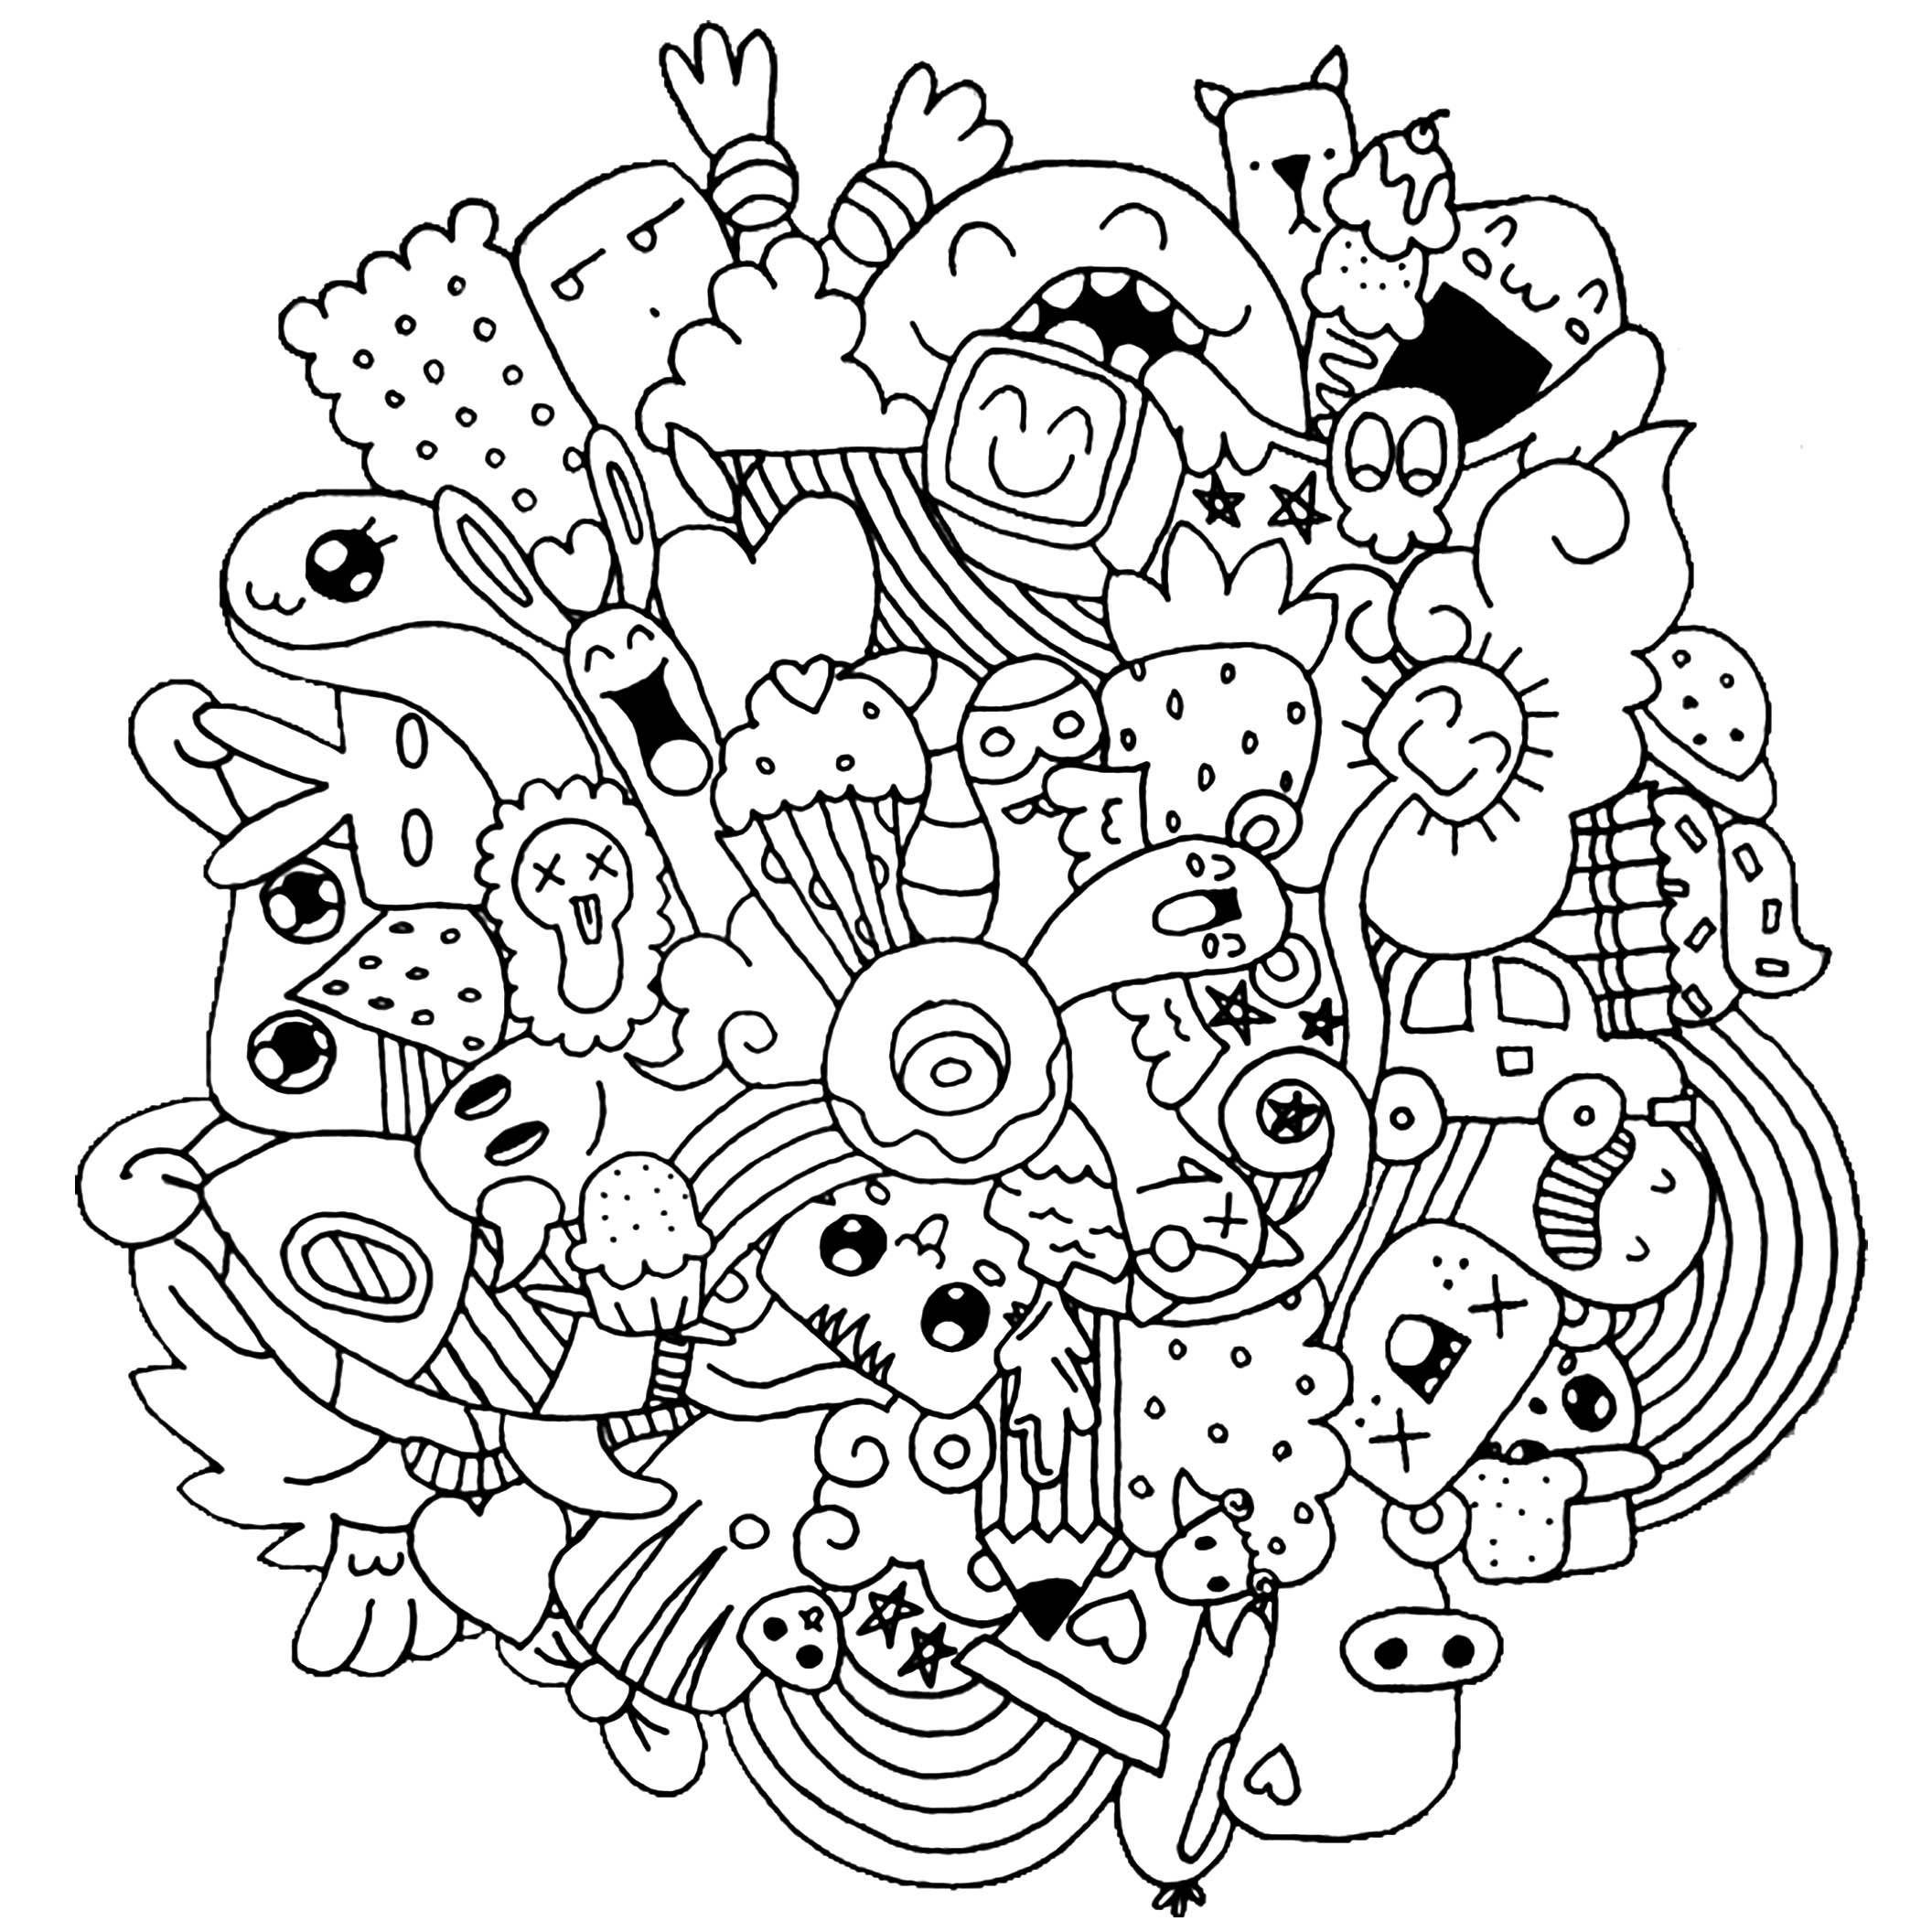 A vous de choisir les meilleures couleurs pour ce Doodle fou !